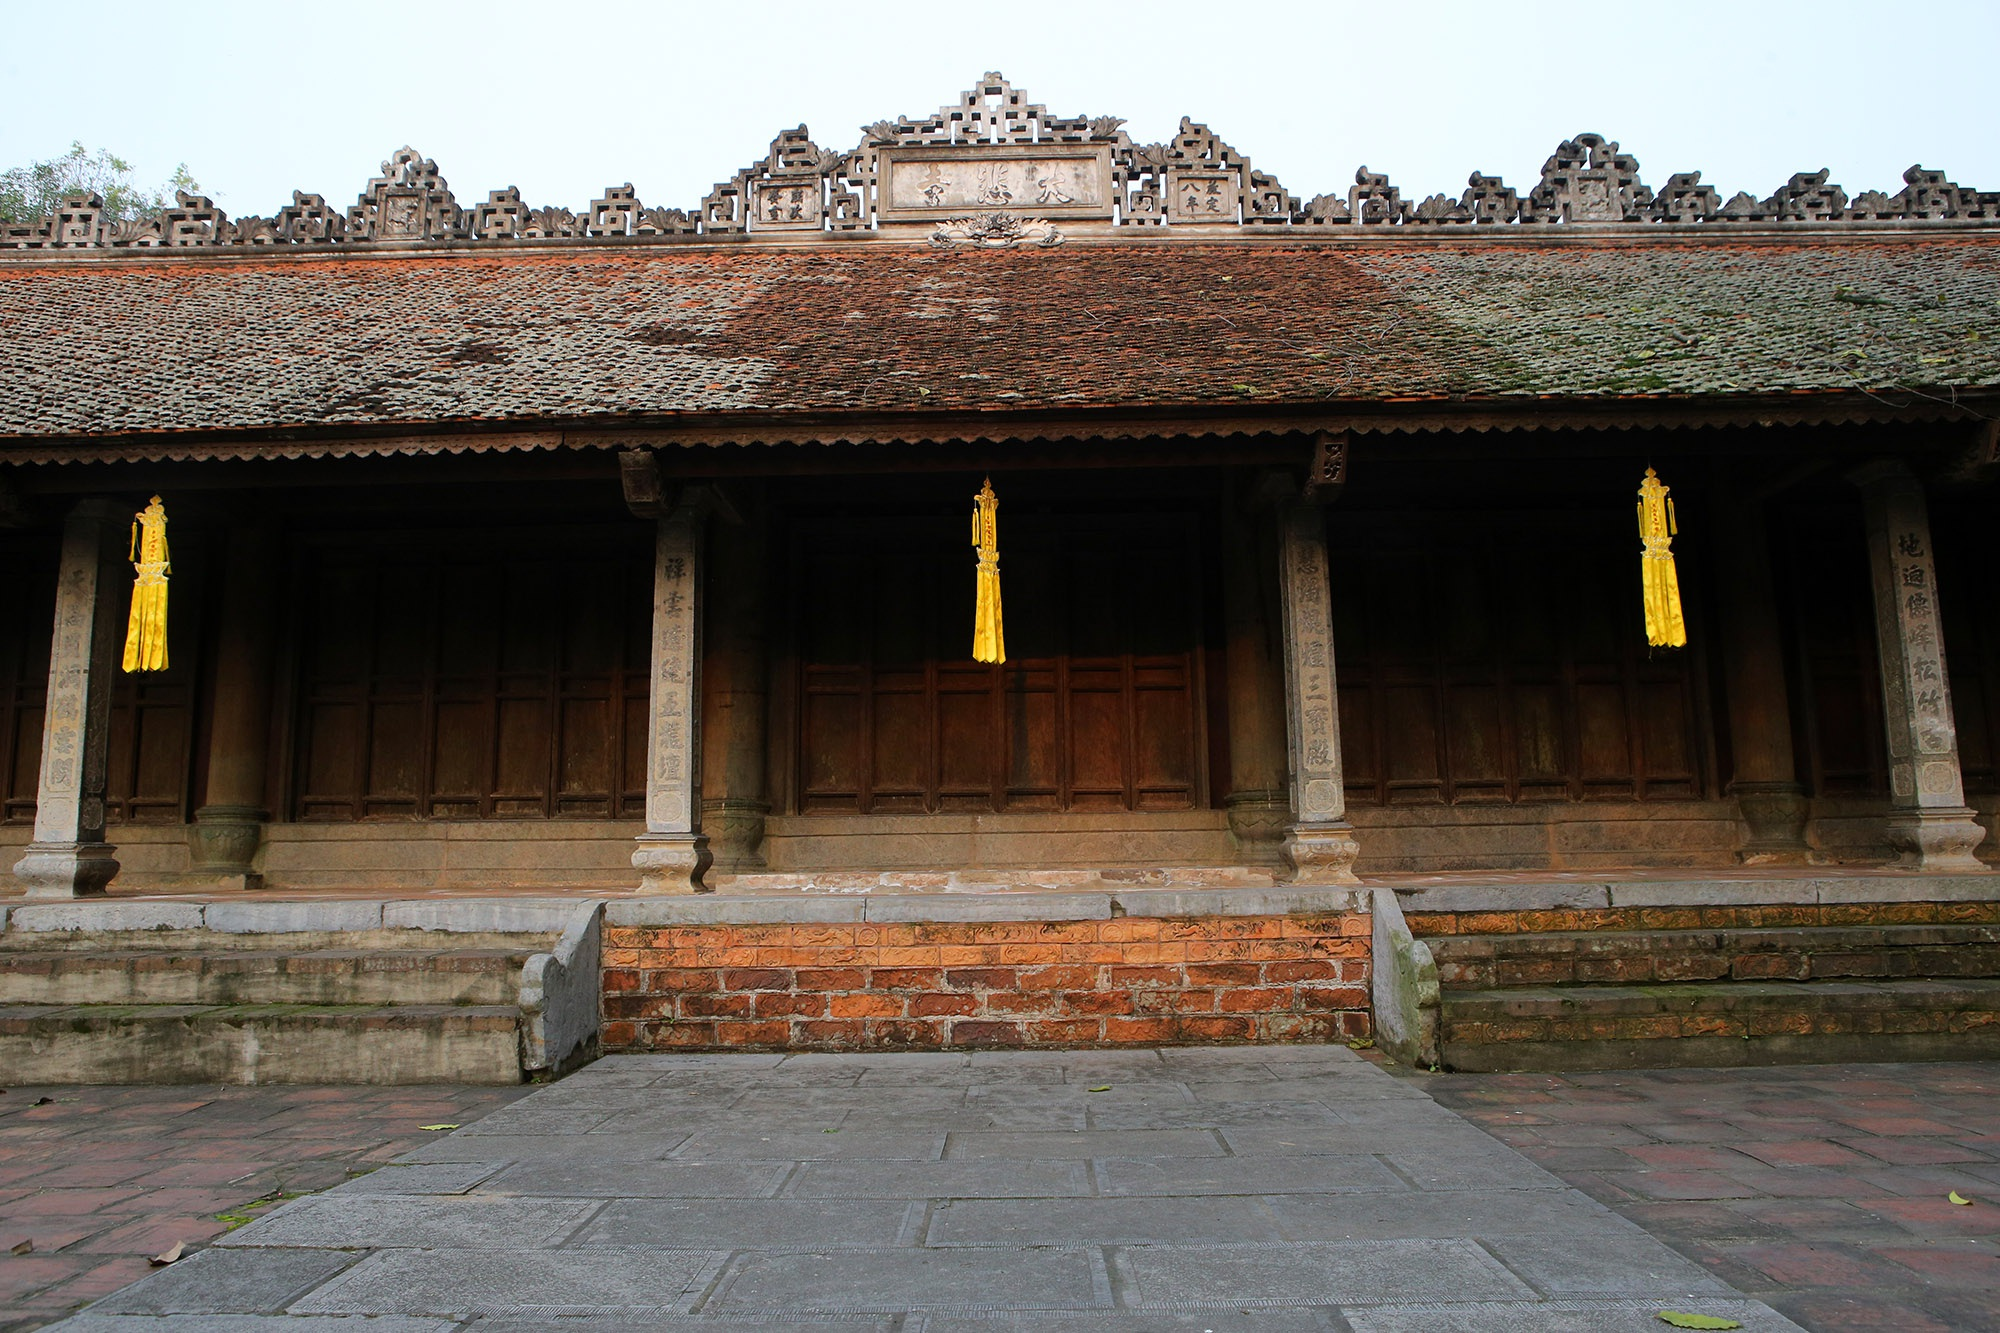 Không gian thanh tịnh tại ngôi chùa gỗ 600 năm tuổi - 3